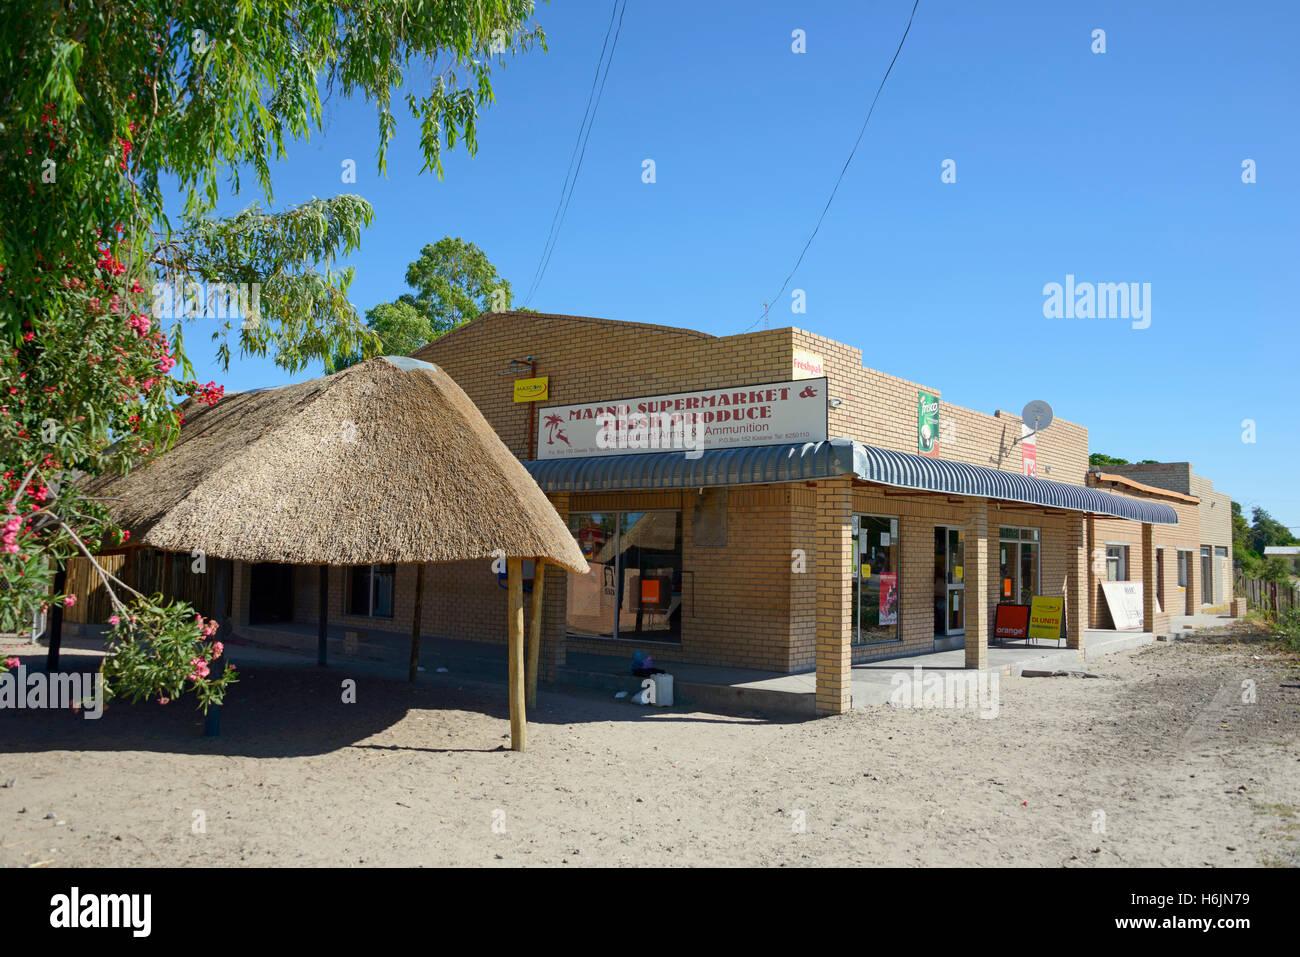 Grocery store in Gweta, Botswana - Stock Image